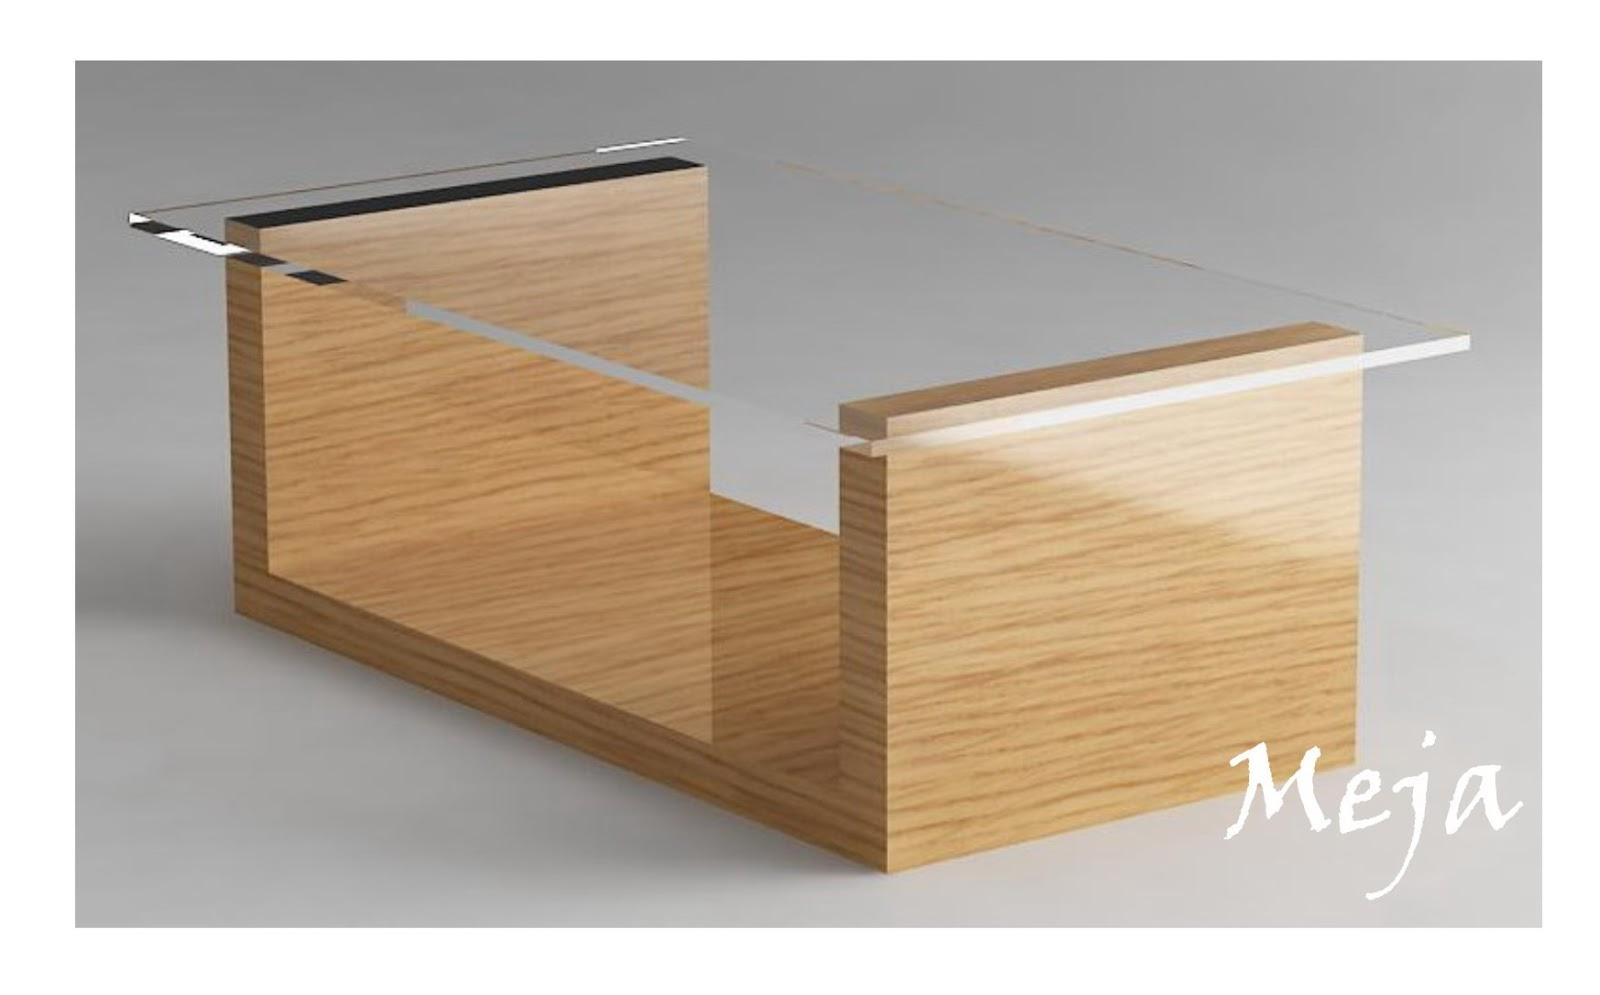 Gambar meja minimalis Untuk Ruang tamu Indah dan Elegan